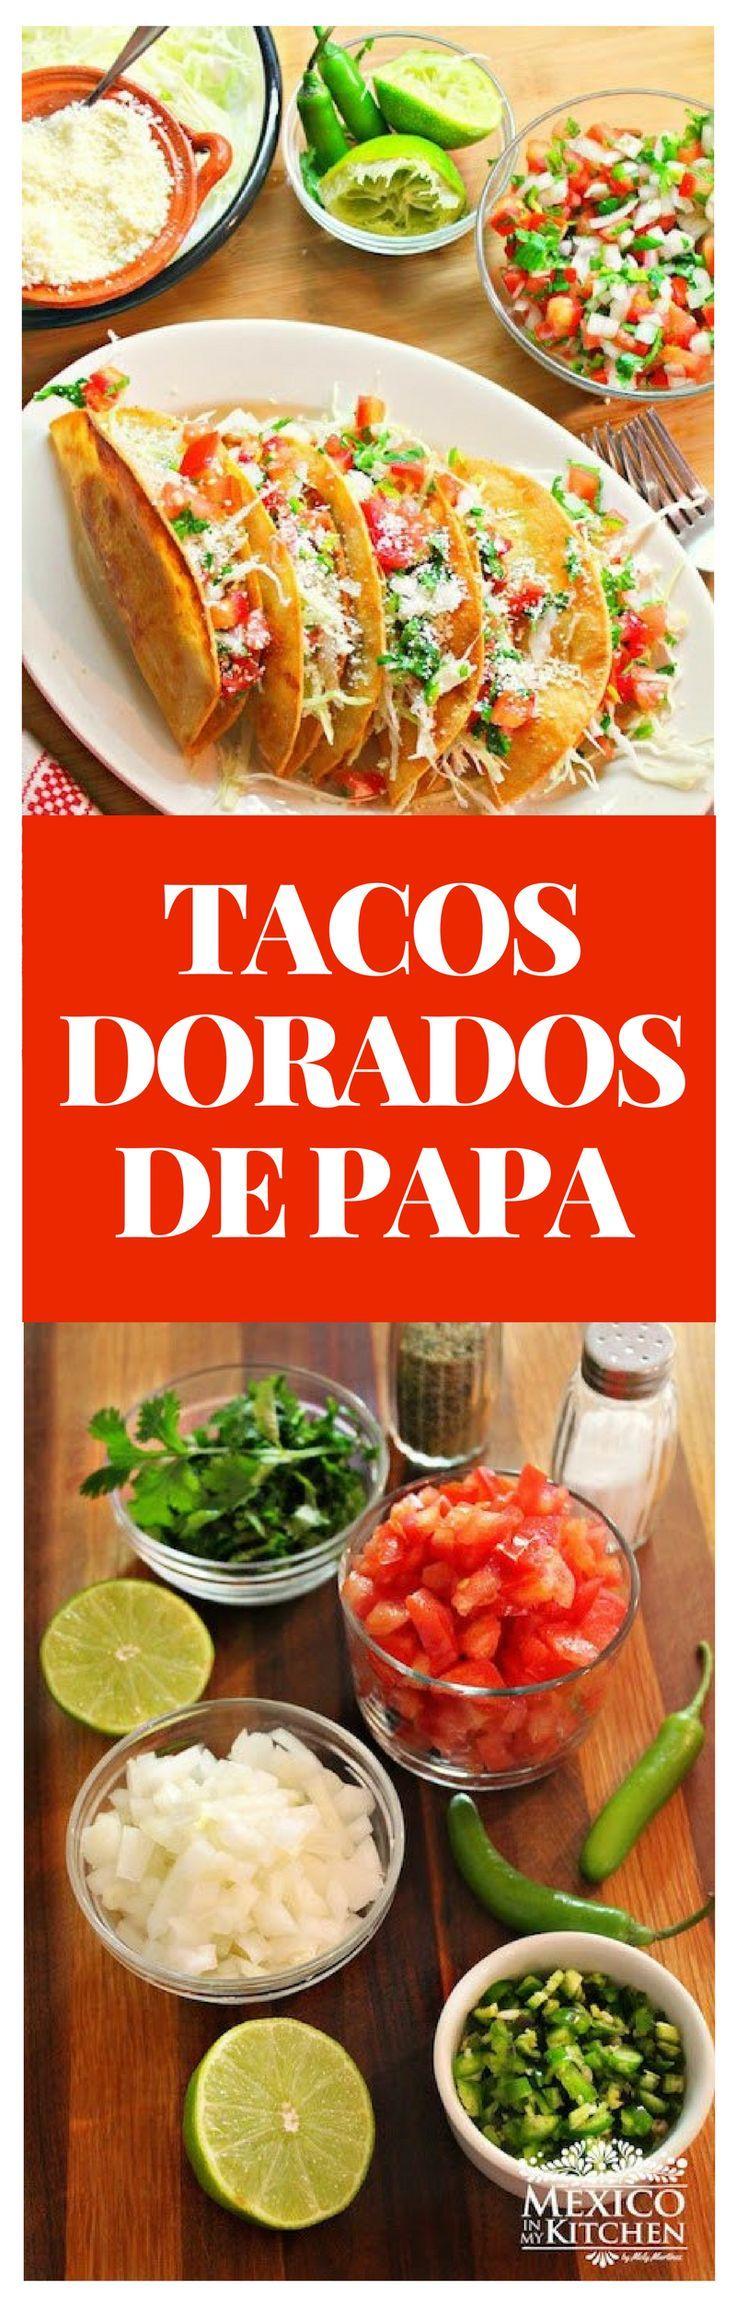 Los Tacos Dorados de Papa es uno platillo muy popularque tanto a niños como adultos les encantan. No necesitas muchos ingredientes para prepararlos, e incluso puedes prepararlos con anticipación y sólo calentarlos en el horno. #recipe #mexicancuisine #mexicandoad